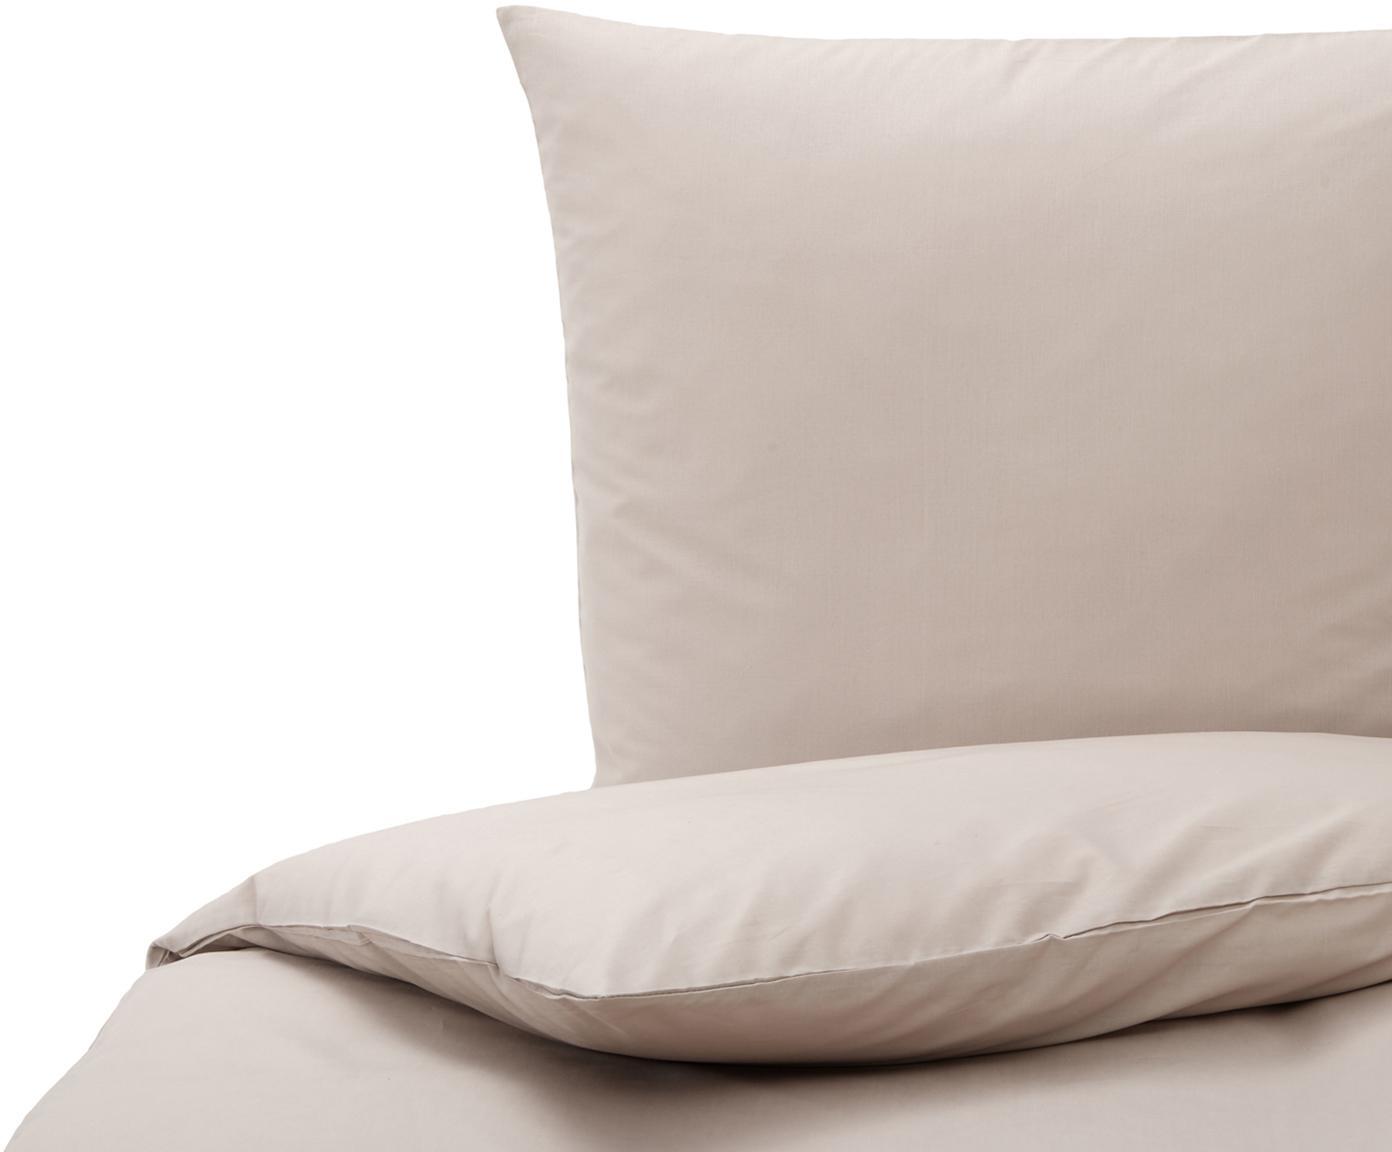 Baumwoll-Bettwäsche Weekend in Taupe, 100% Baumwolle Bettwäsche aus Baumwolle fühlt sich auf der Haut angenehm weich an, nimmt Feuchtigkeit gut auf und eignet sich für Allergiker., Taupe, 135 x 200 cm + 1 Kissen 80 x 80 cm